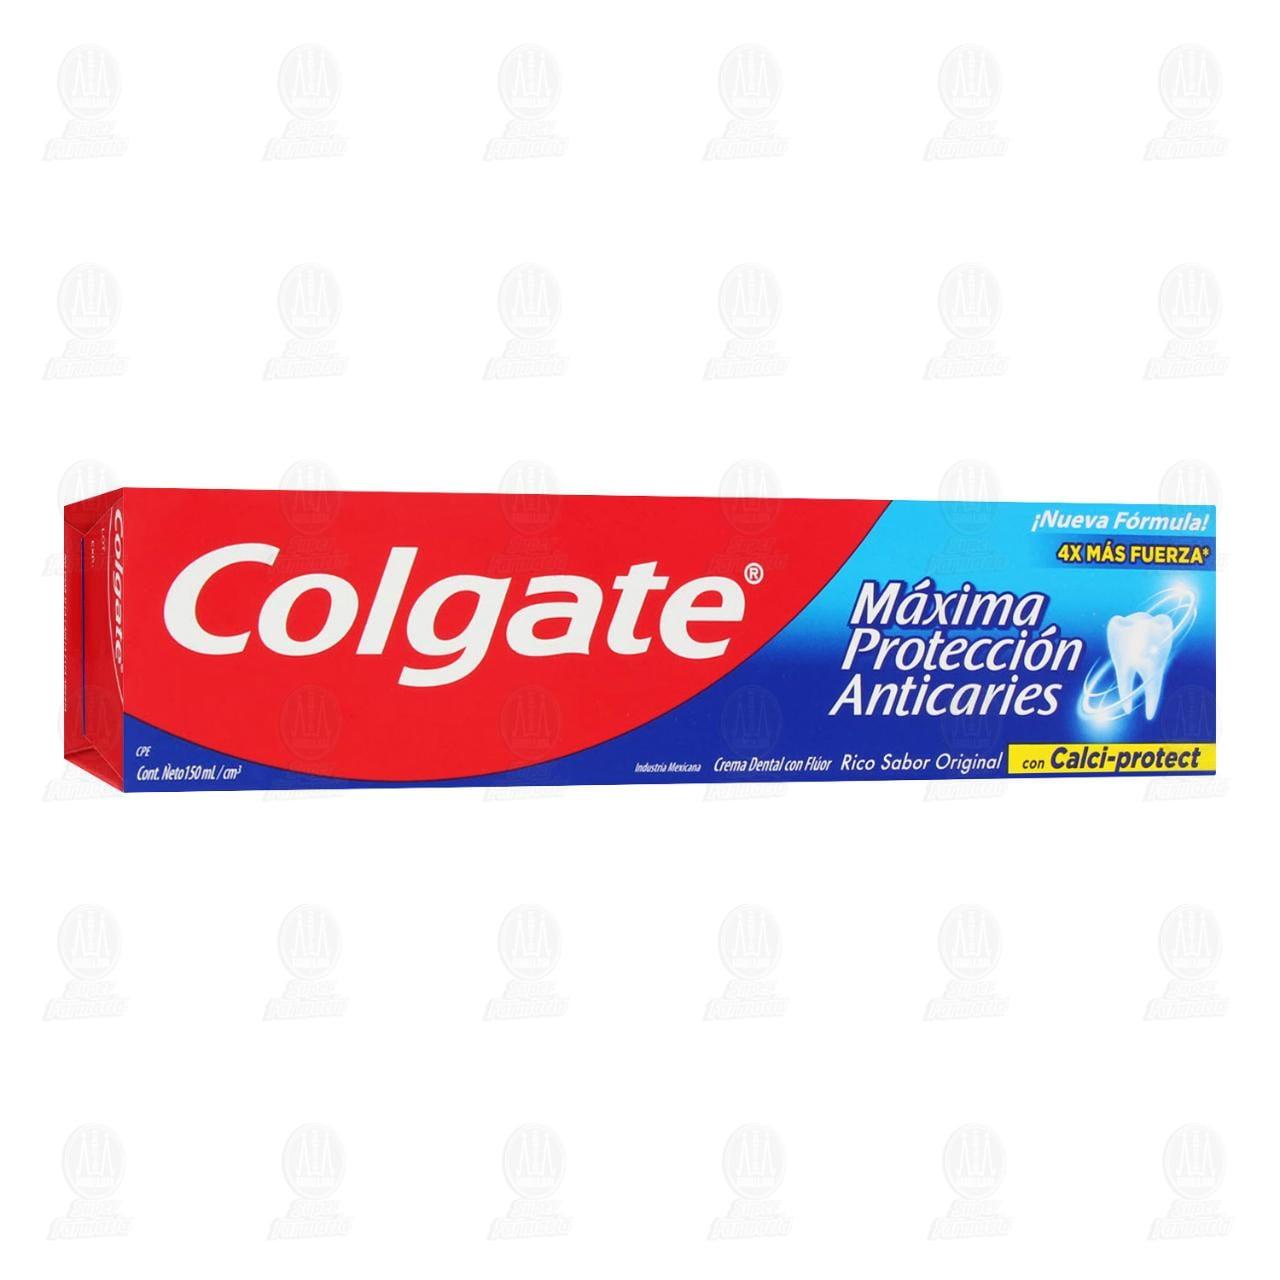 Comprar Pasta Dental Colgate Máxima Protección Anticaries, 150 ml. en Farmacias Guadalajara